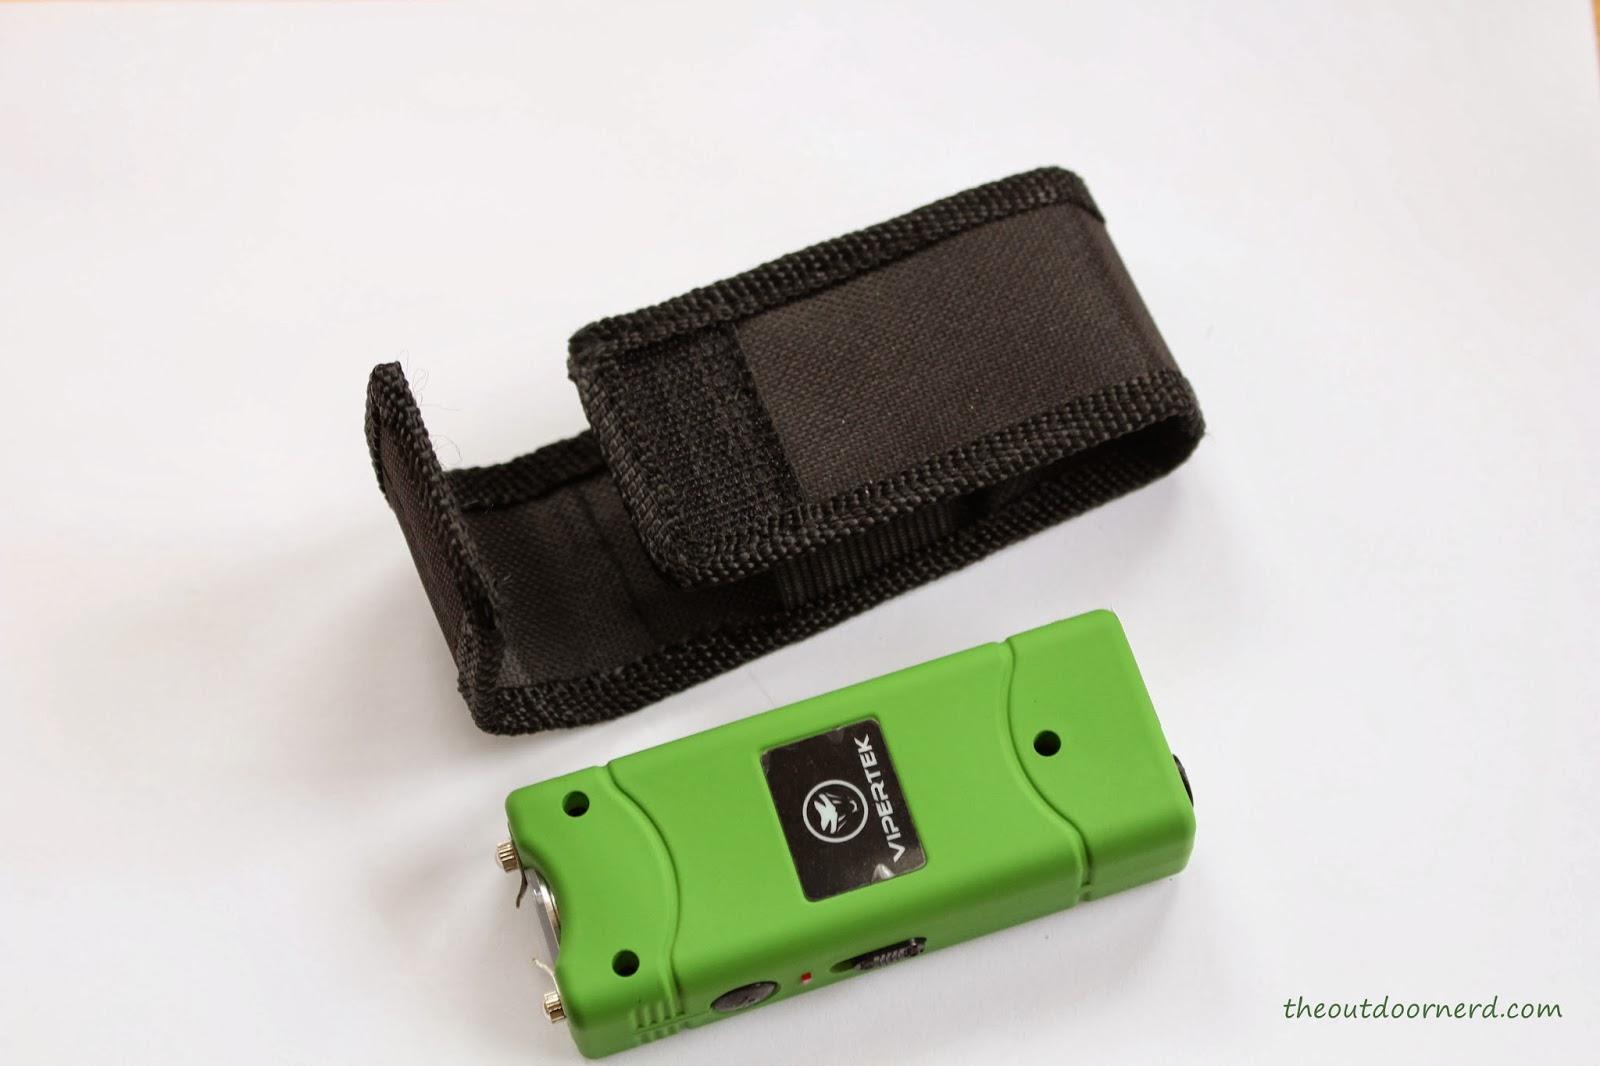 Vipertek VTS-881: Green One Next To Sheath